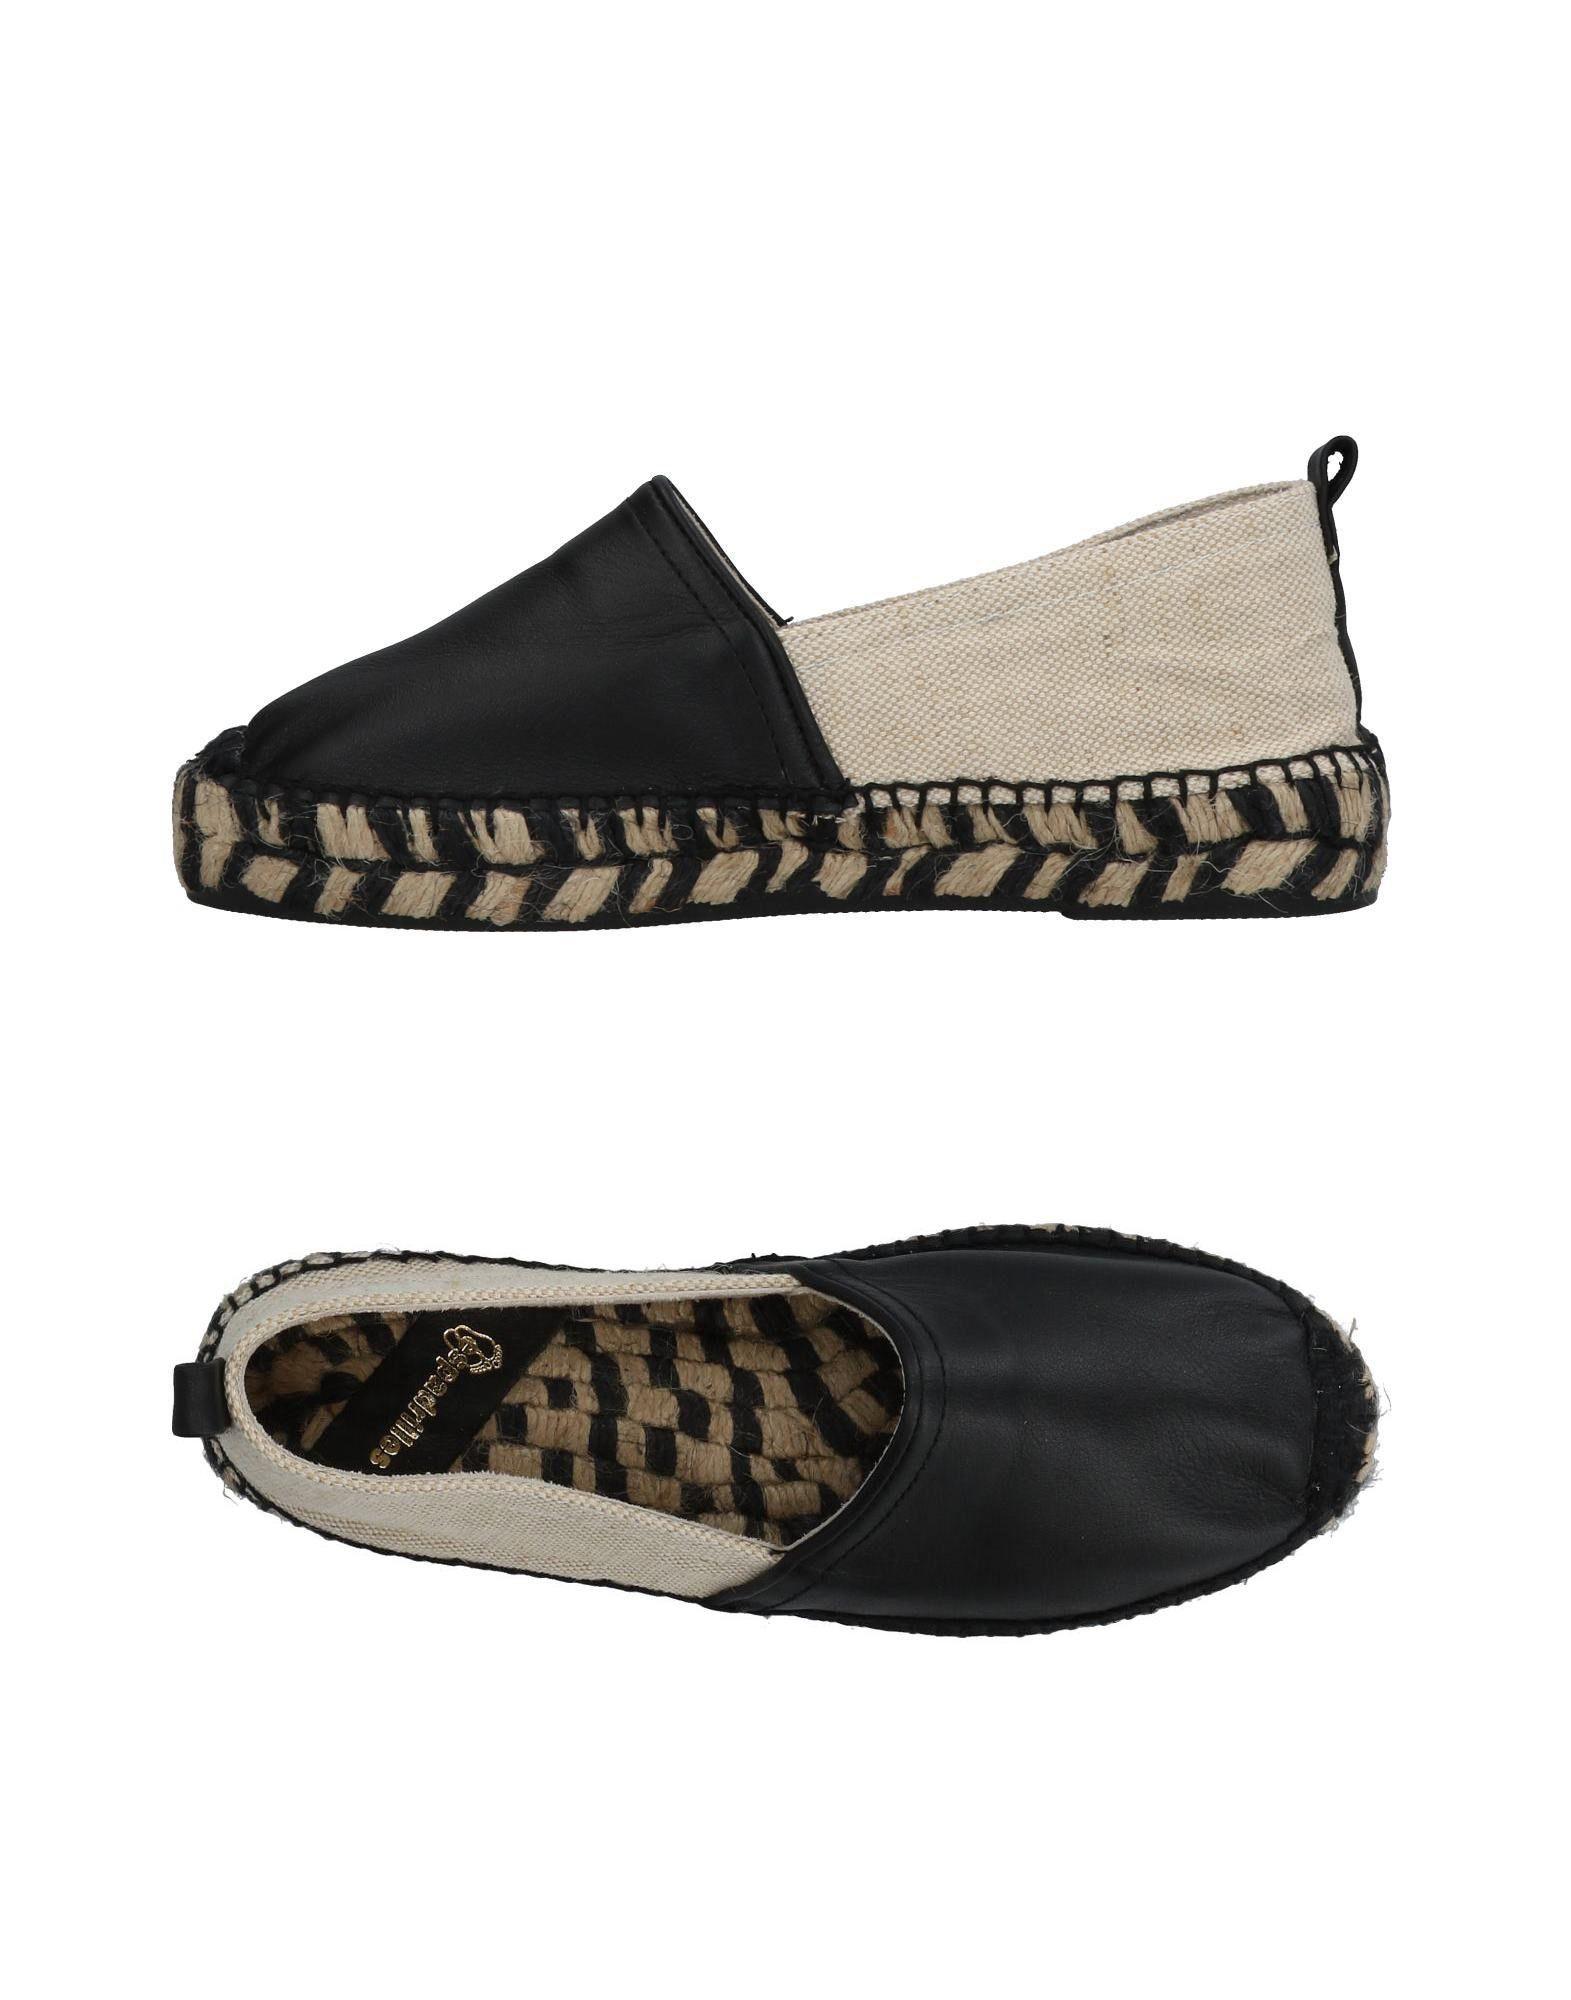 Espadrilles Espadrilles Damen  11195113GG Gute Qualität beliebte Schuhe Schuhe Schuhe 96dbf6